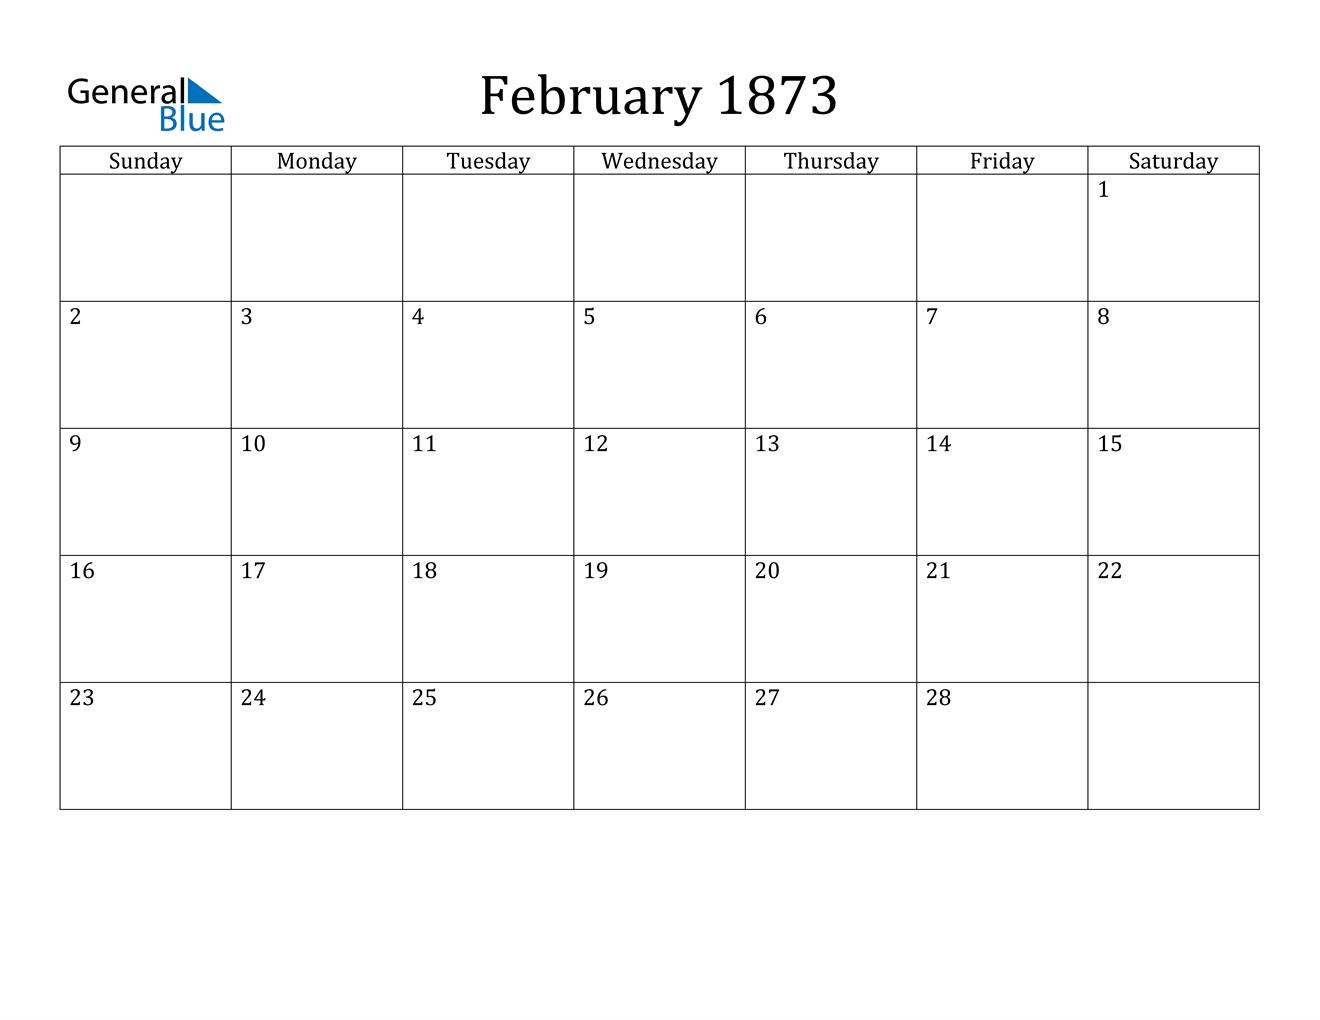 Image of February 1873 Calendar